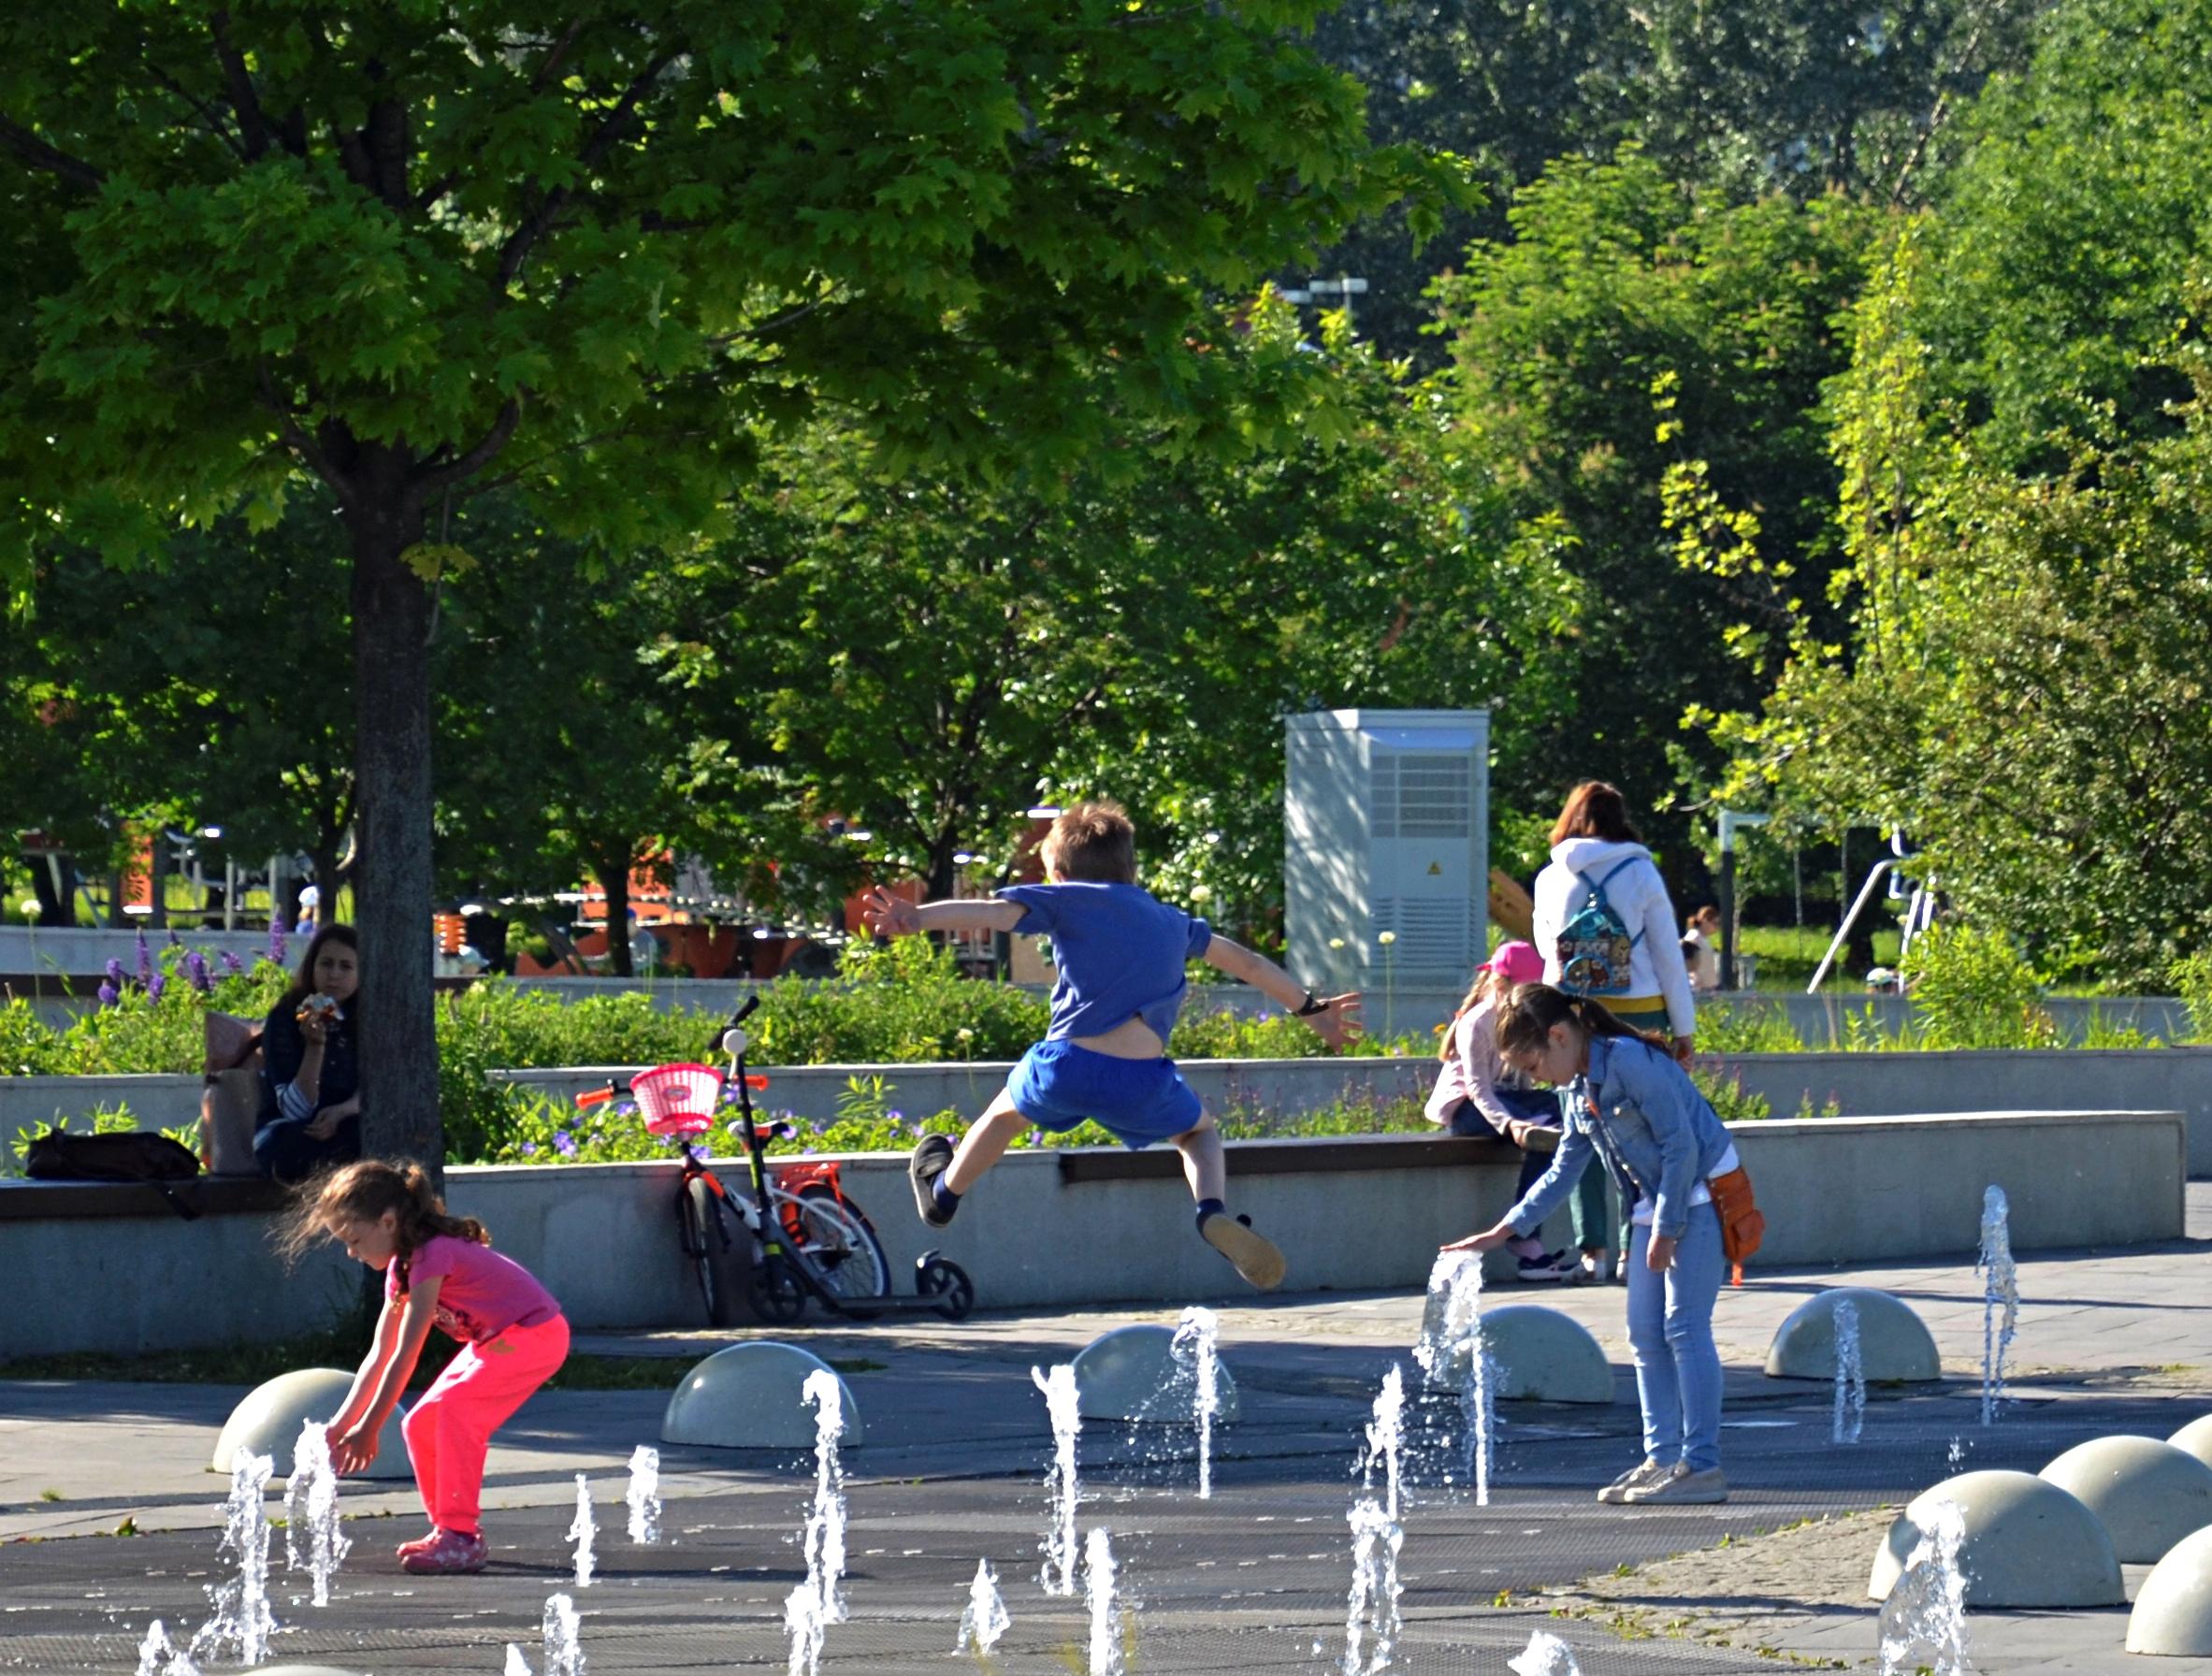 Жителей Подмосковья предупредили о жаркой погоде 11 июля. Фото: Анна Быкова